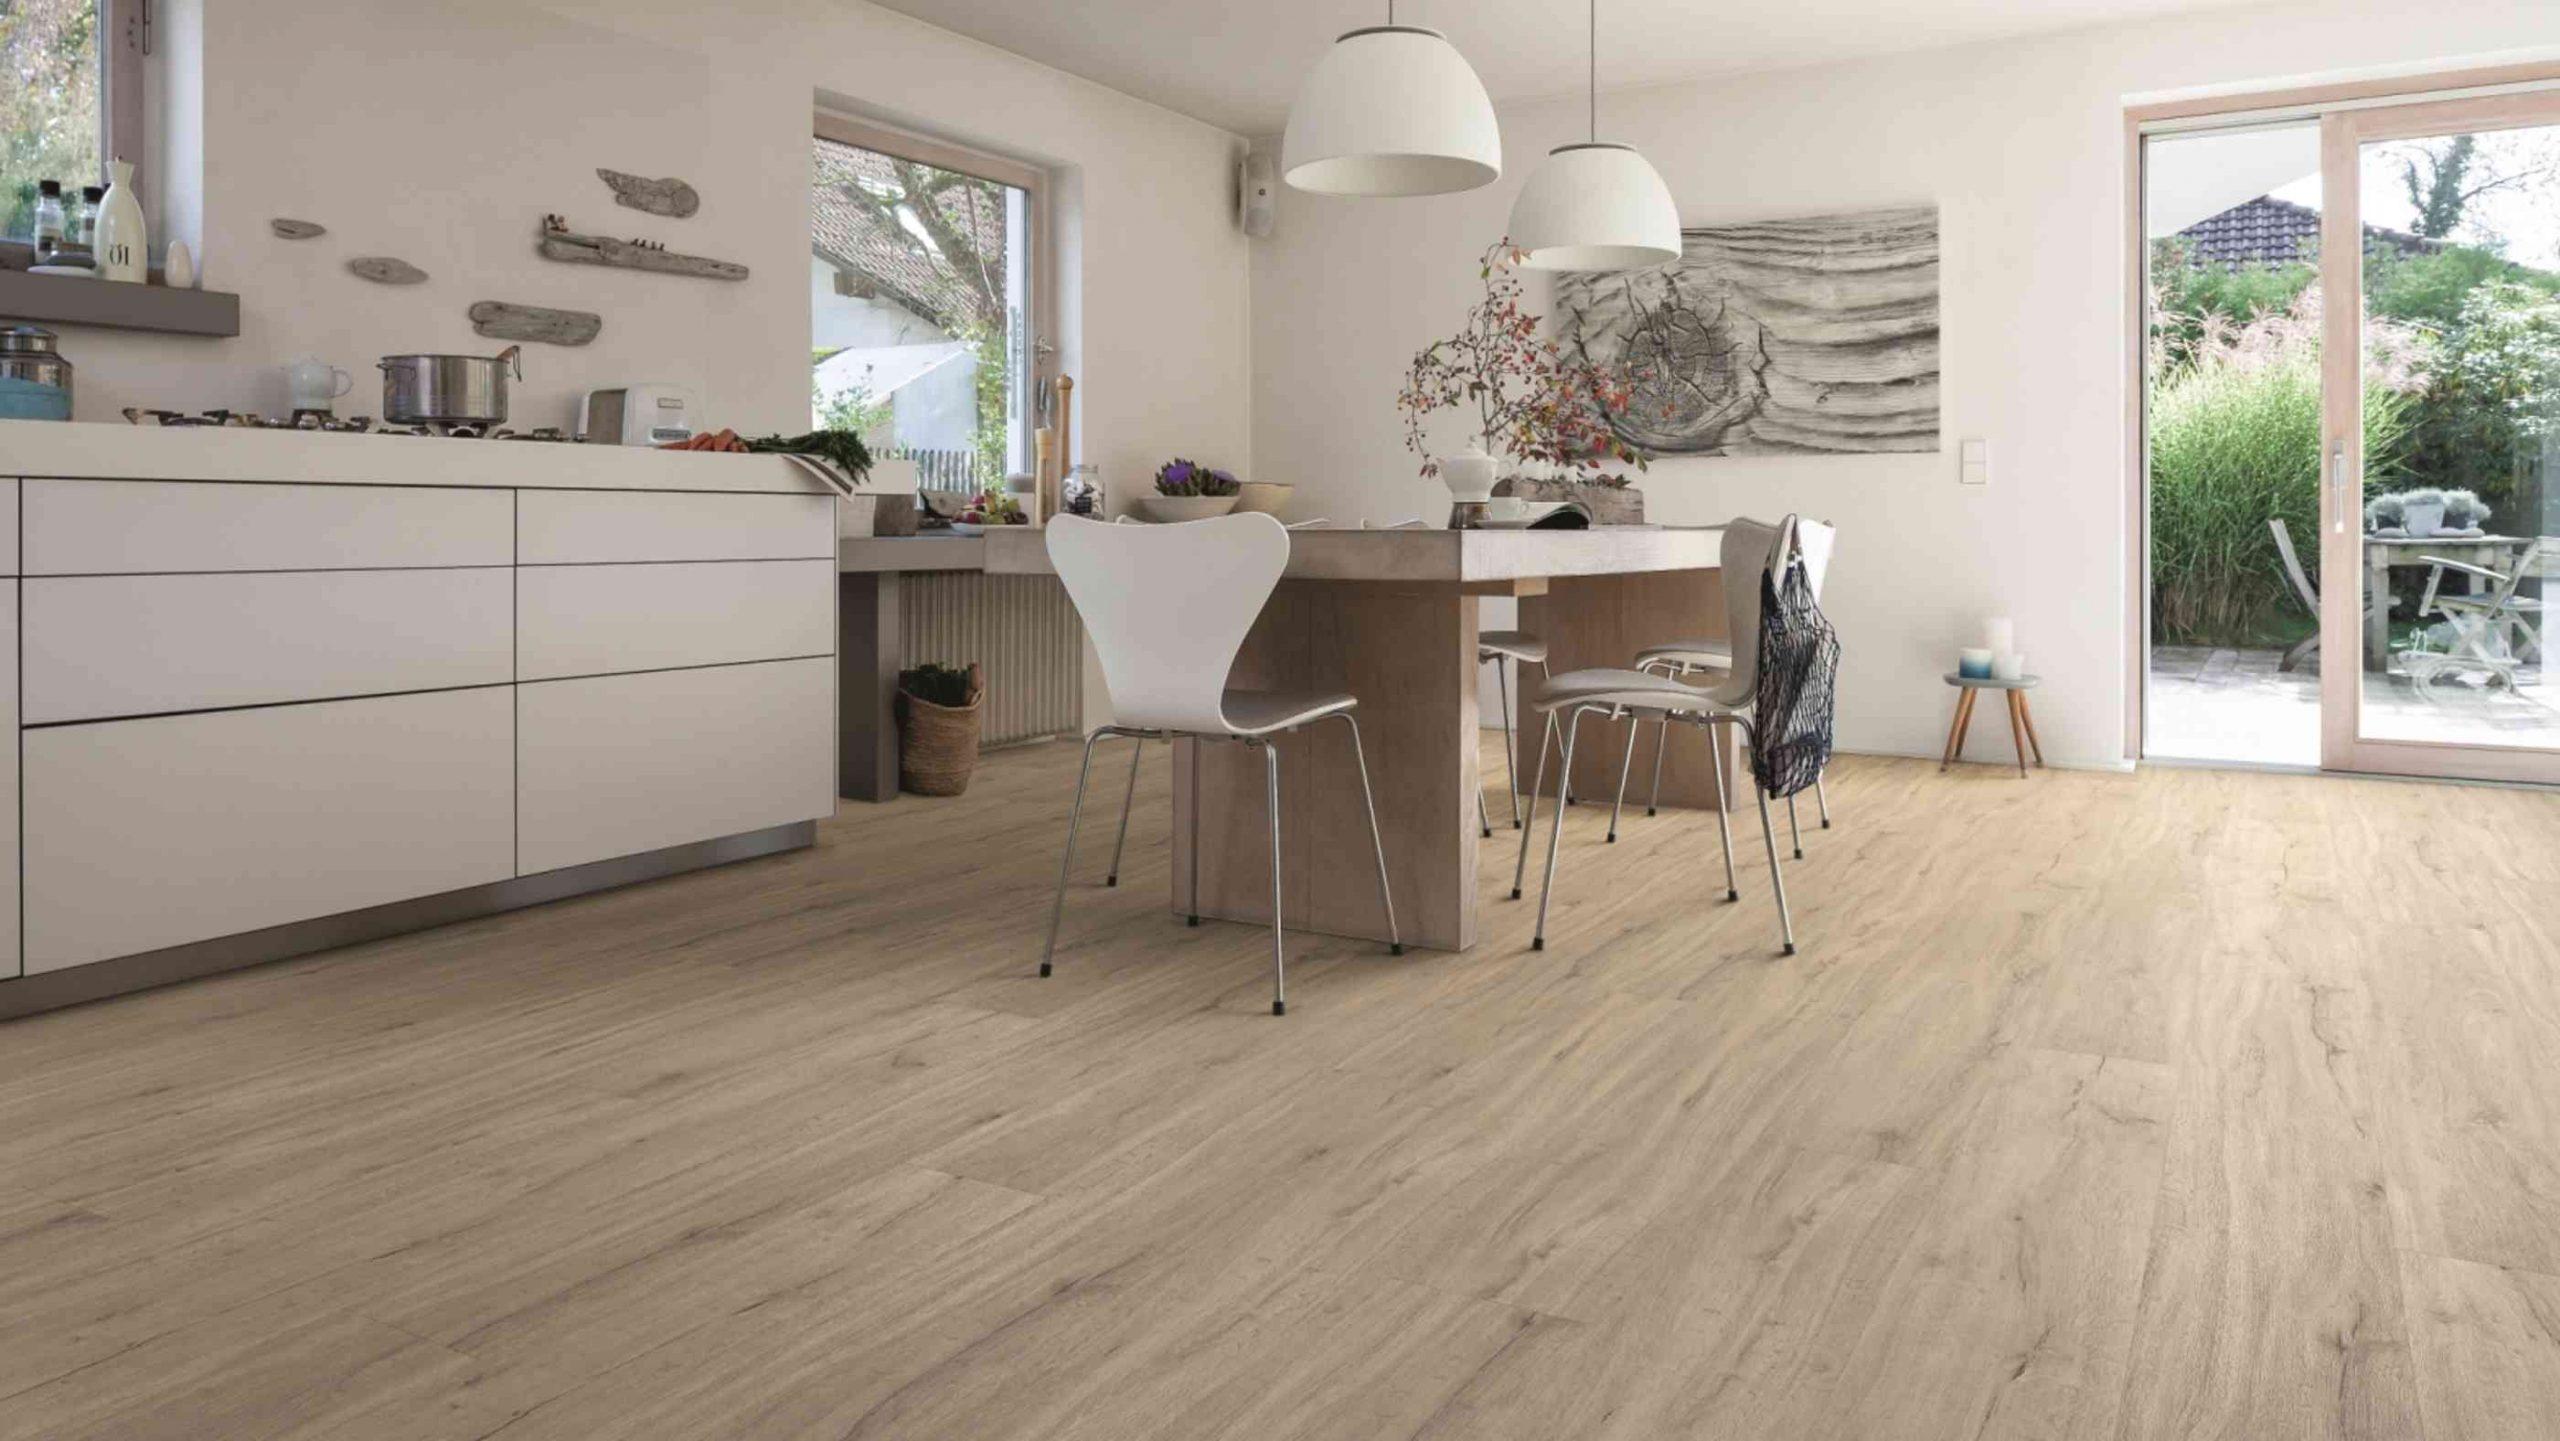 Full Size of Ikea Bodenbelag Küche Bodenbeläge Für Küche Bodenbelag Küche Estrich Bodenbeläge Für Küche Und Flur Küche Bodenbelag Küche